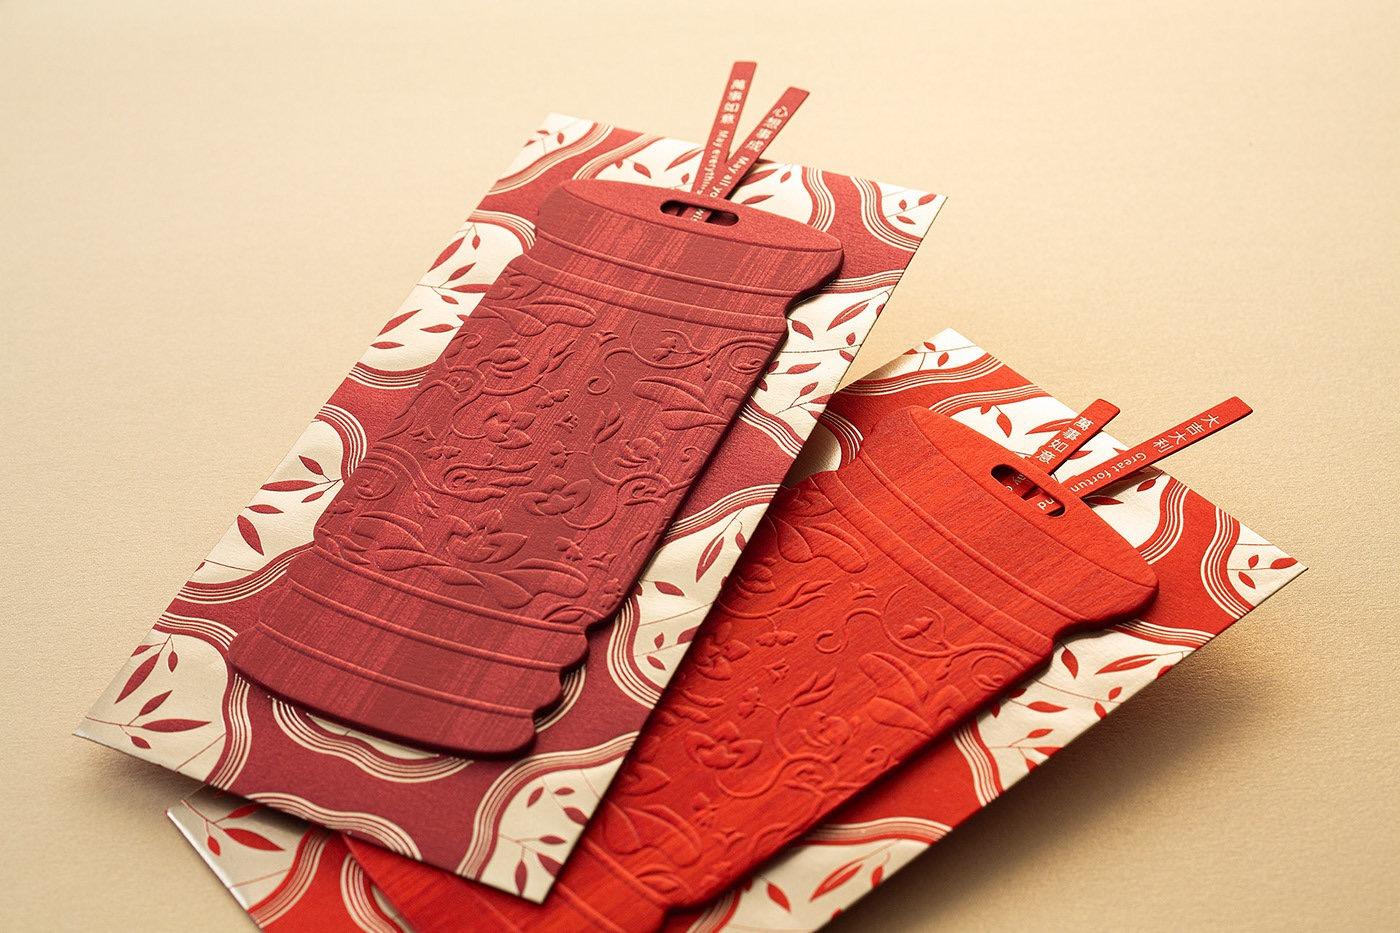 品牌設計 · 紅包設計-上海野火創意